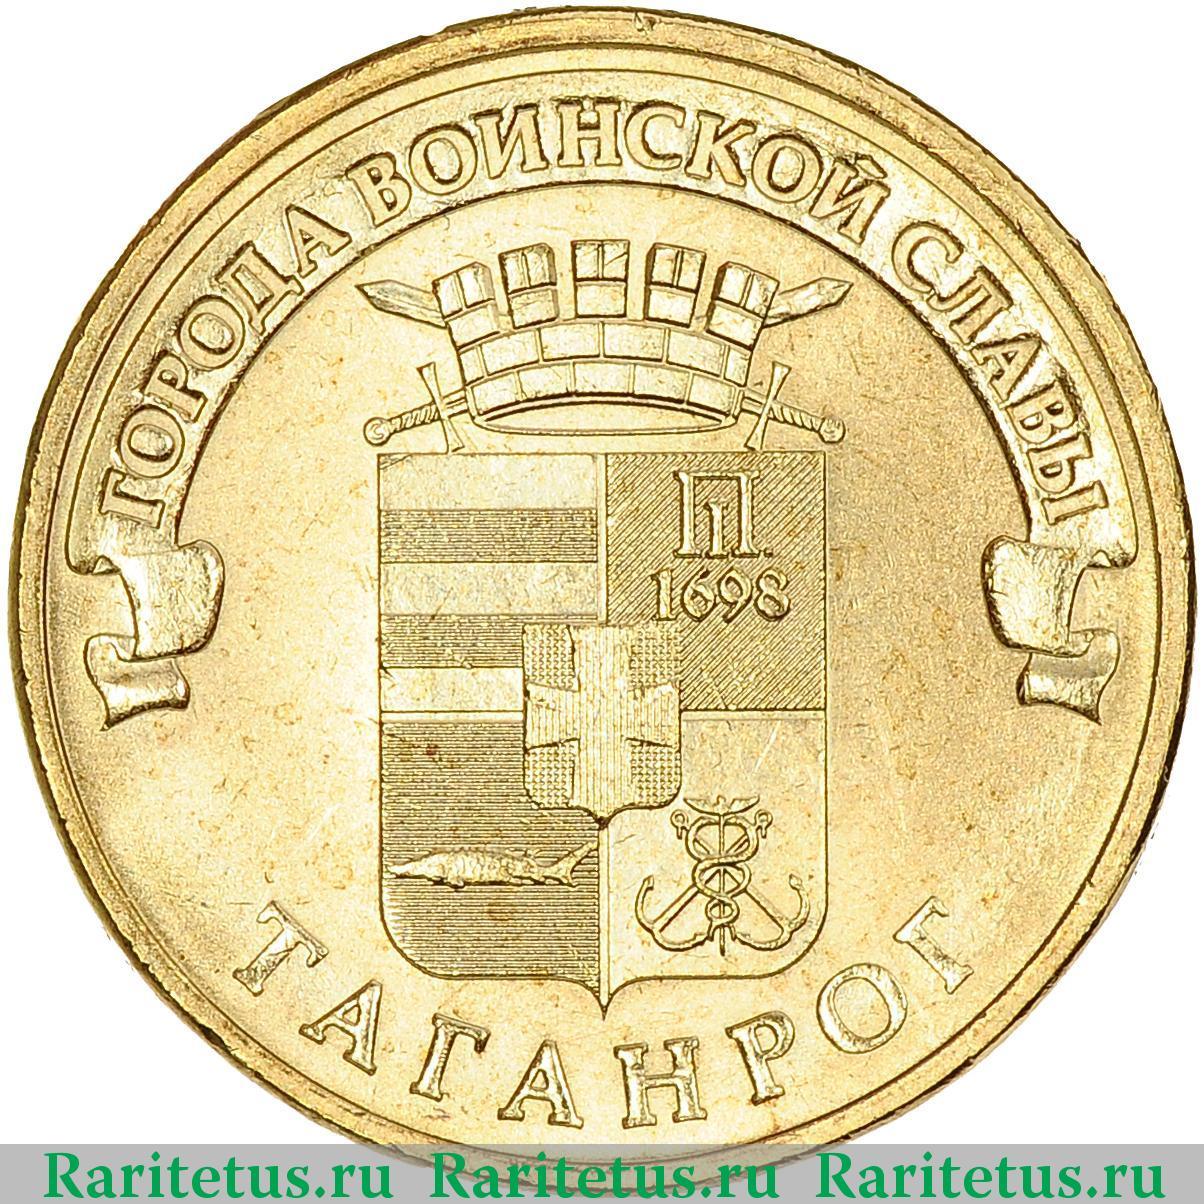 Альбом монет города воинской славы 37 штук цена новый молоток аукцион